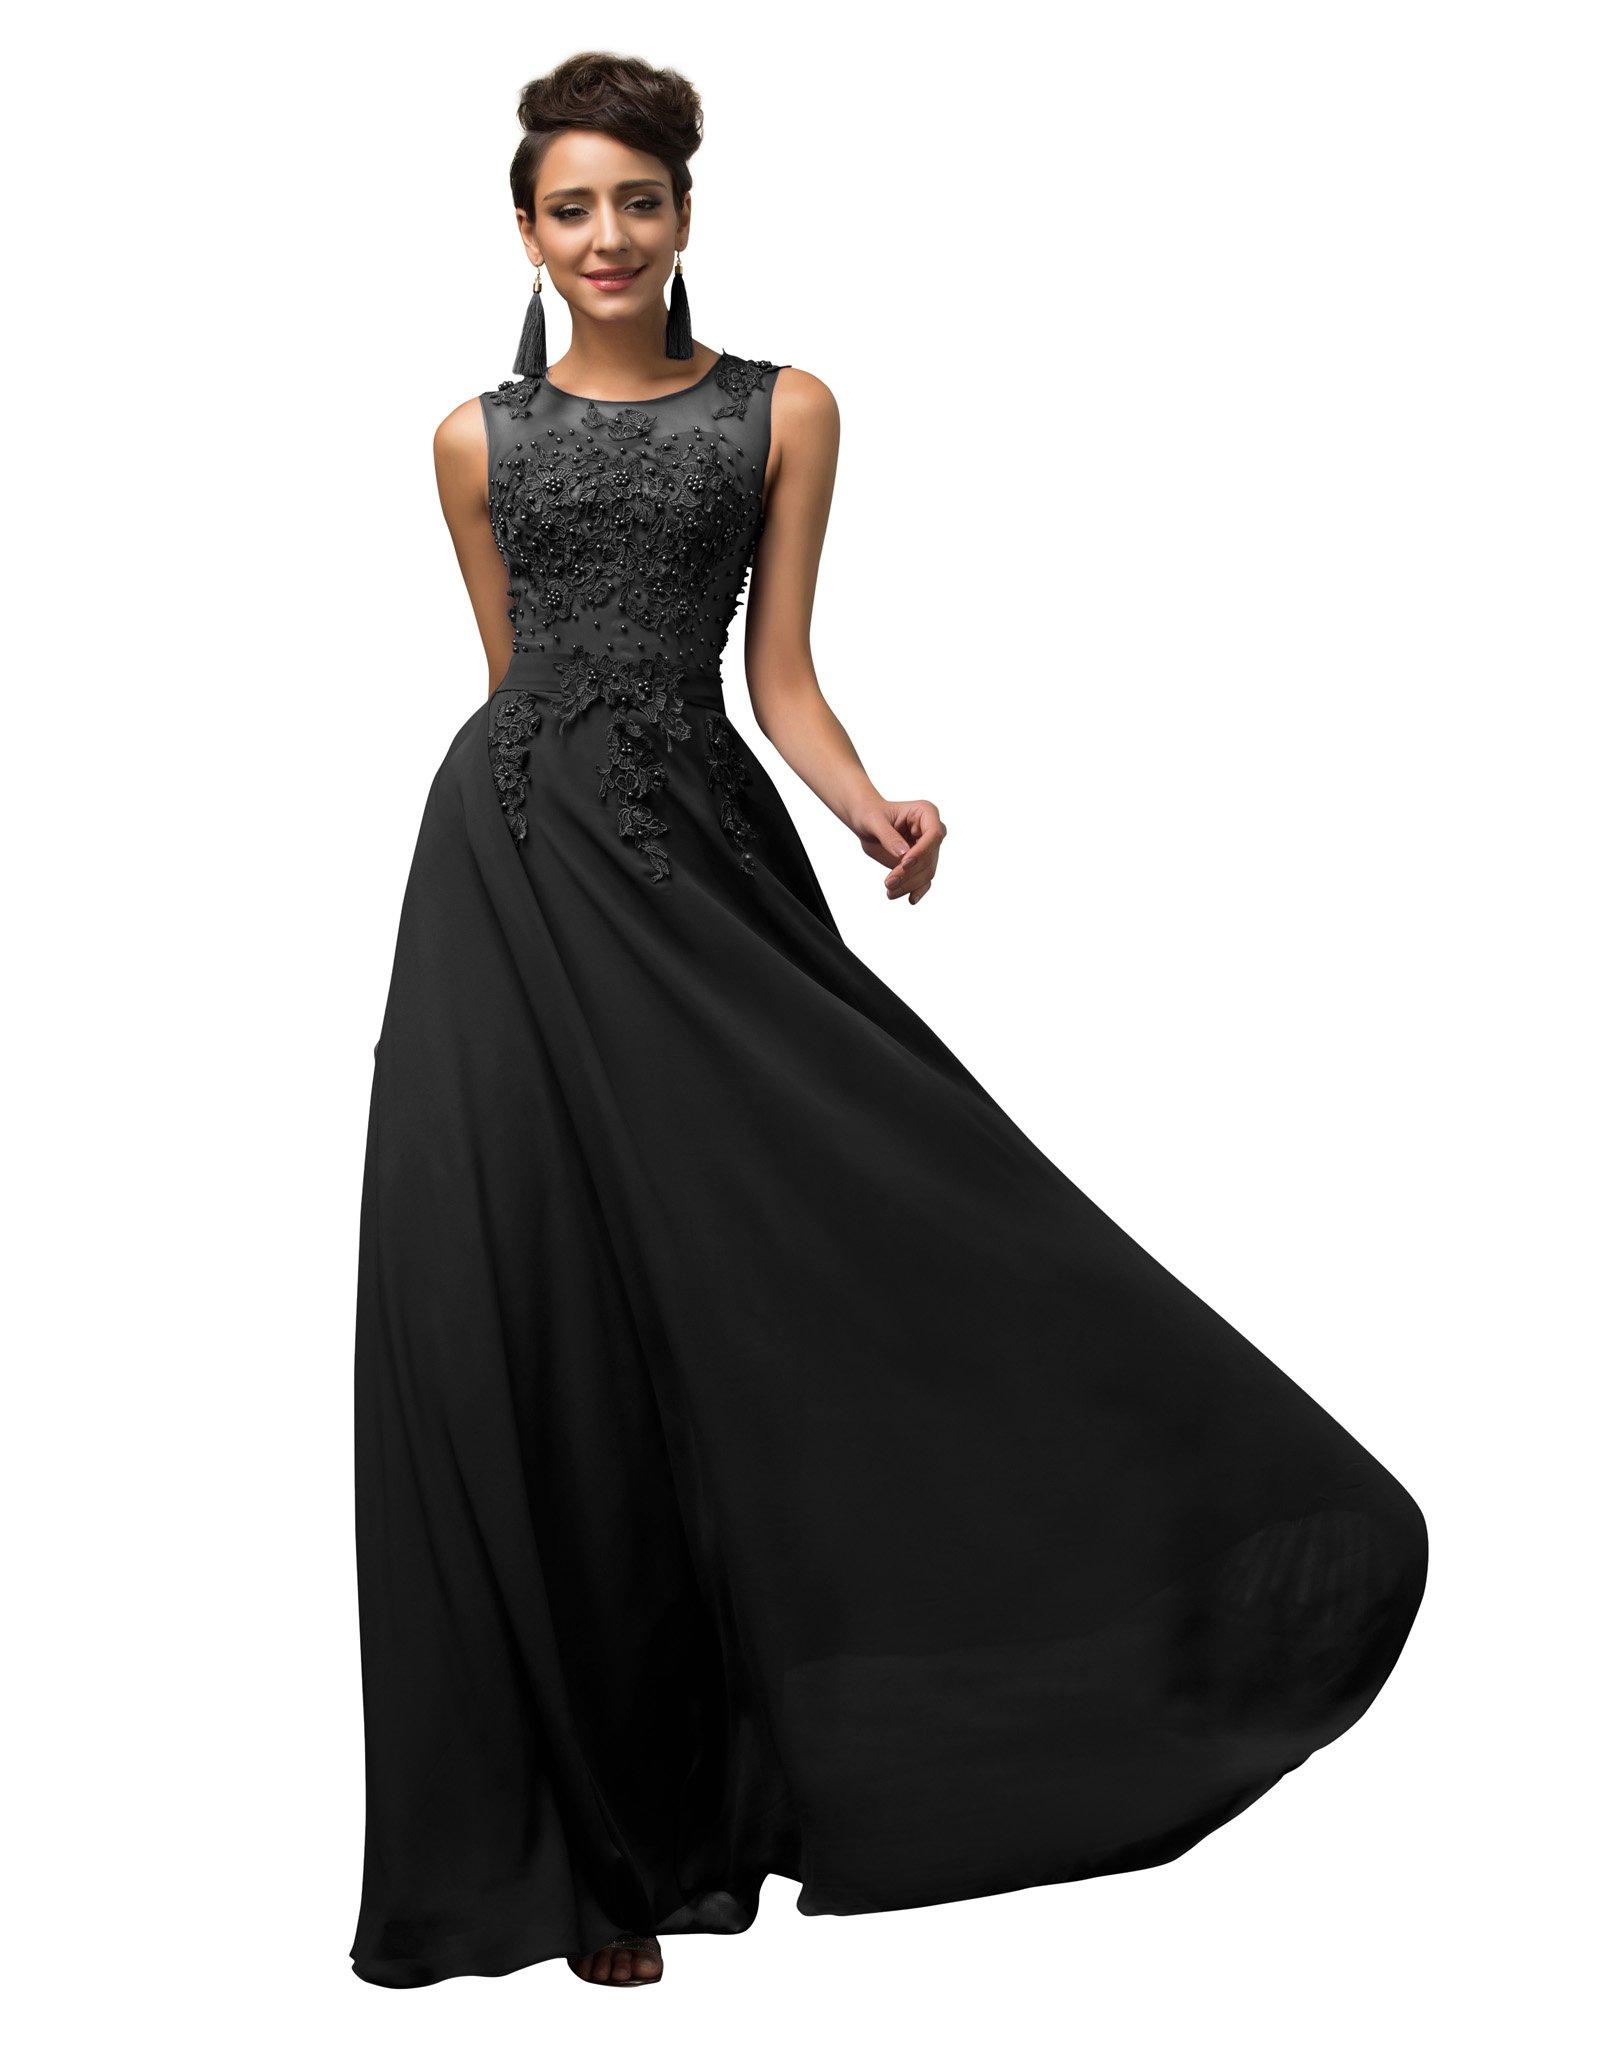 Black Evening Gowns UK: Amazon.co.uk